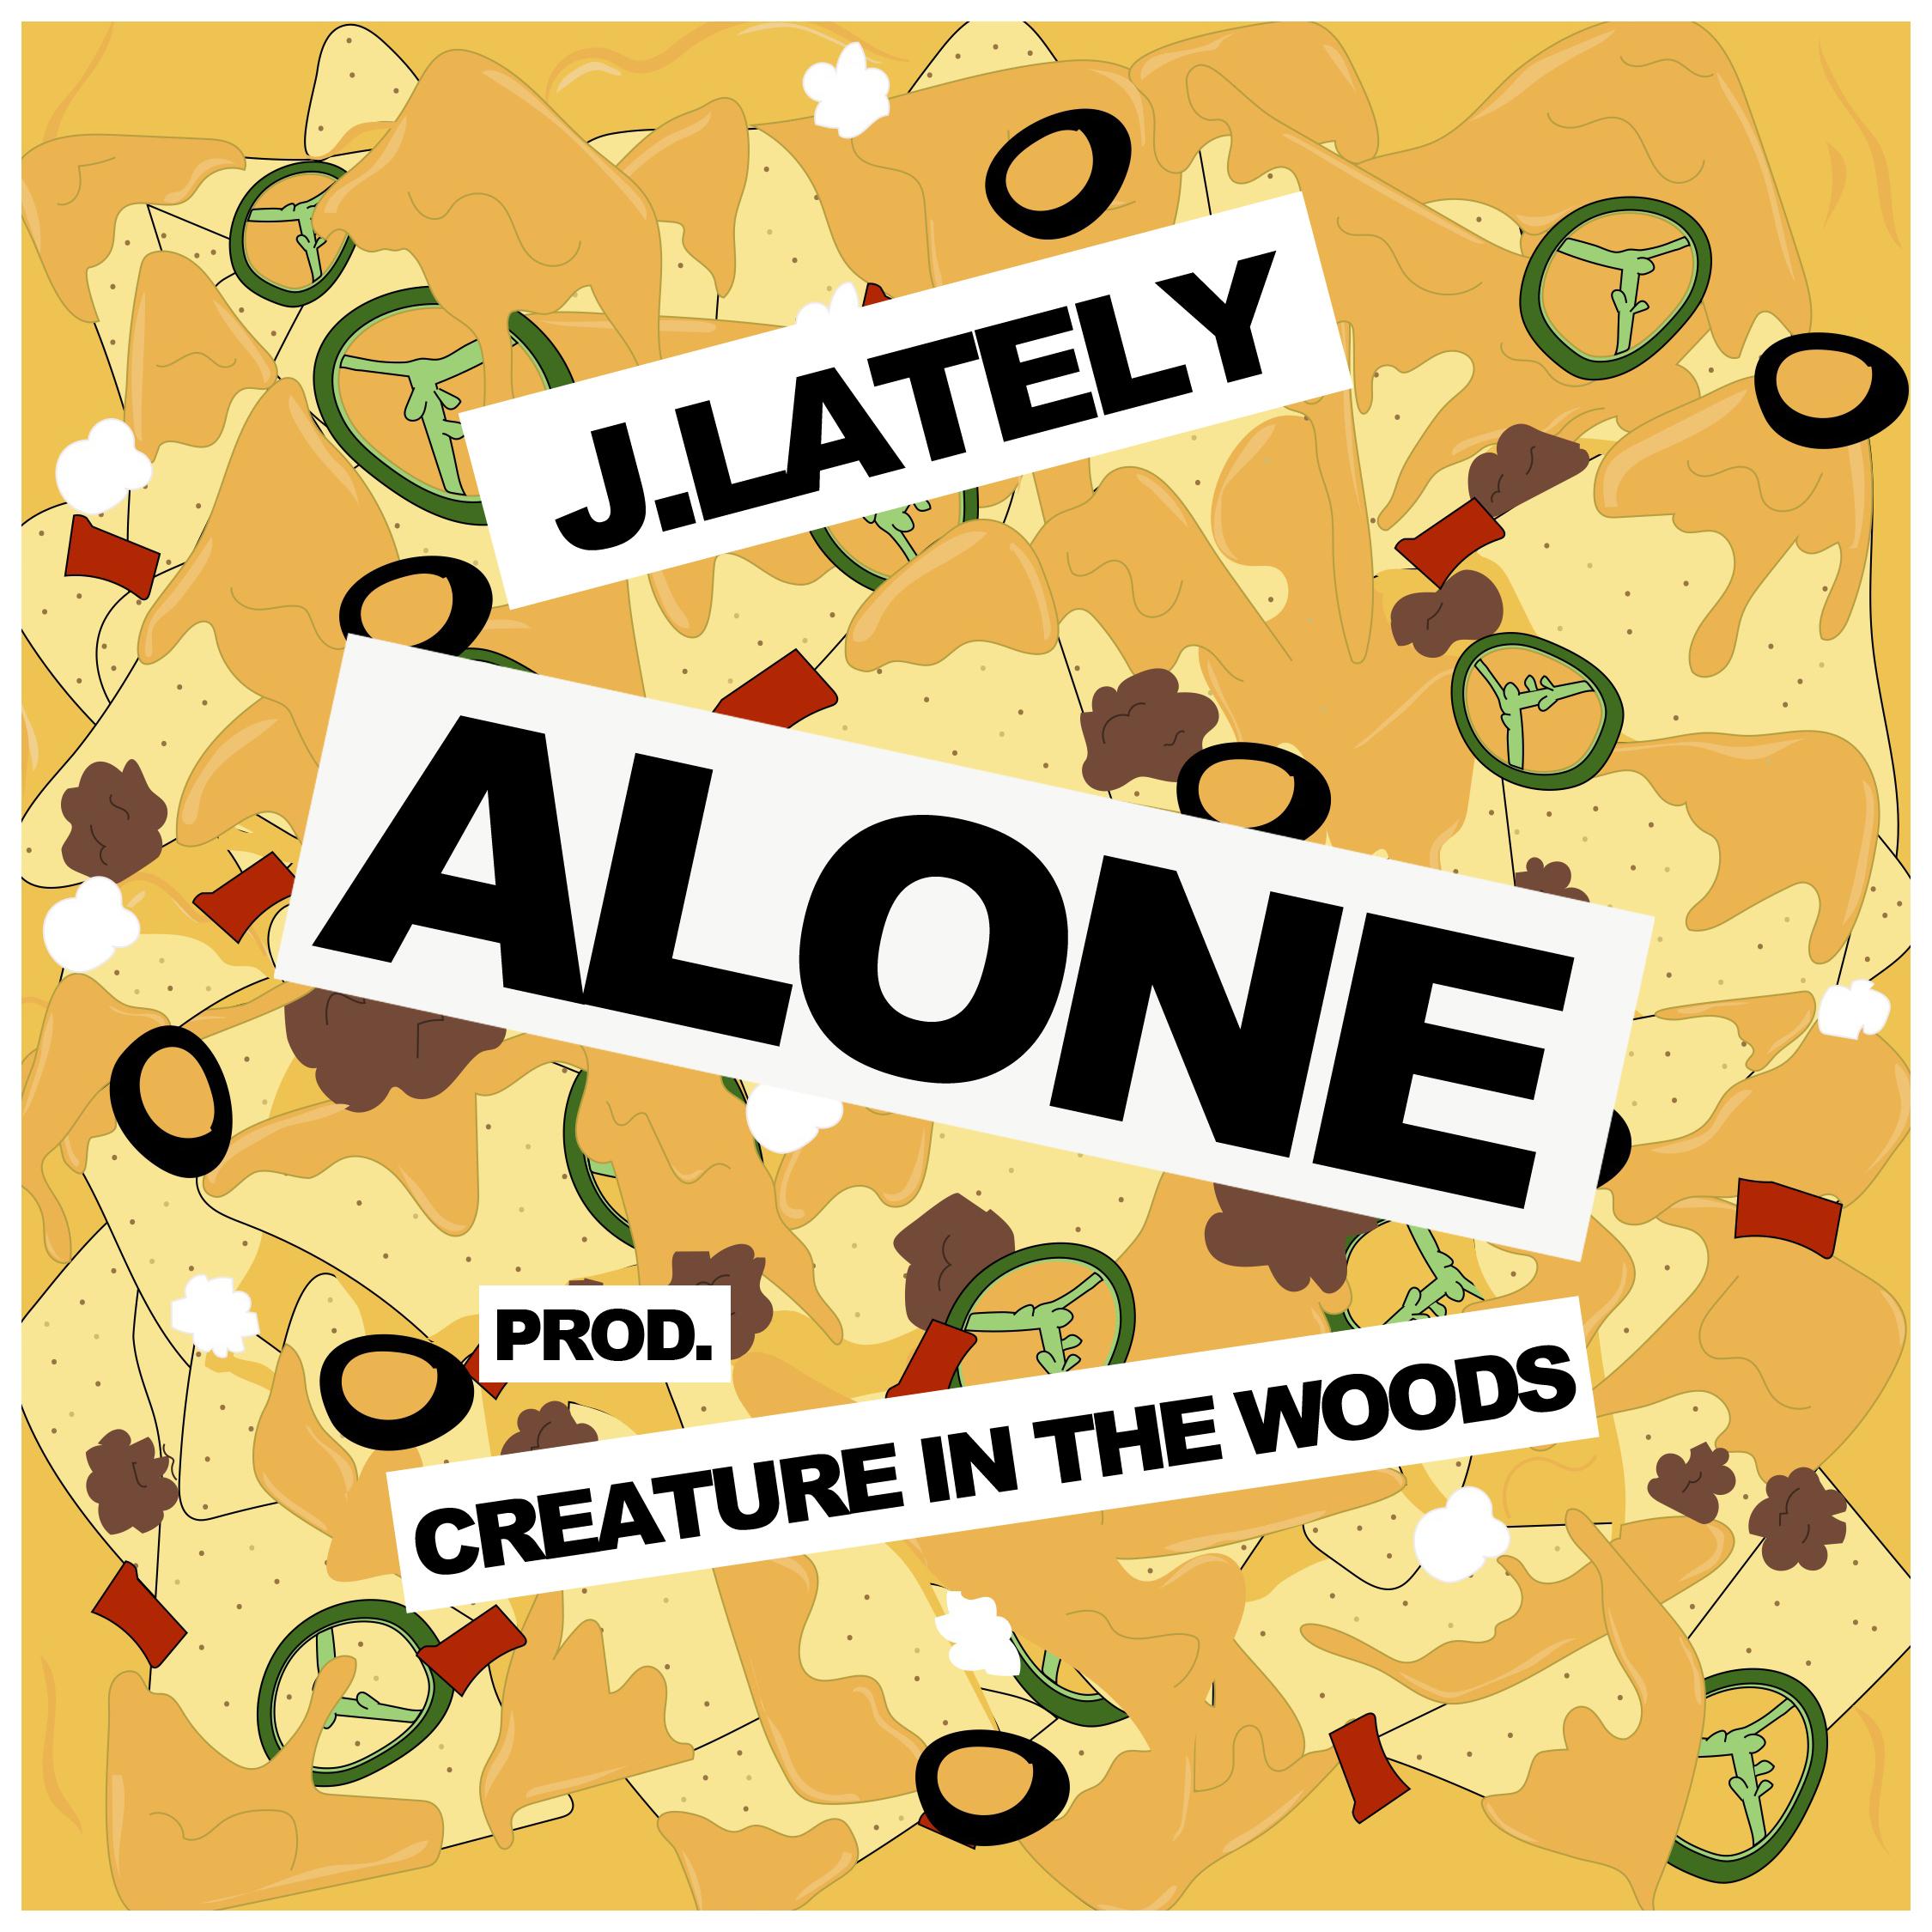 J.Lately - Alone [audio]